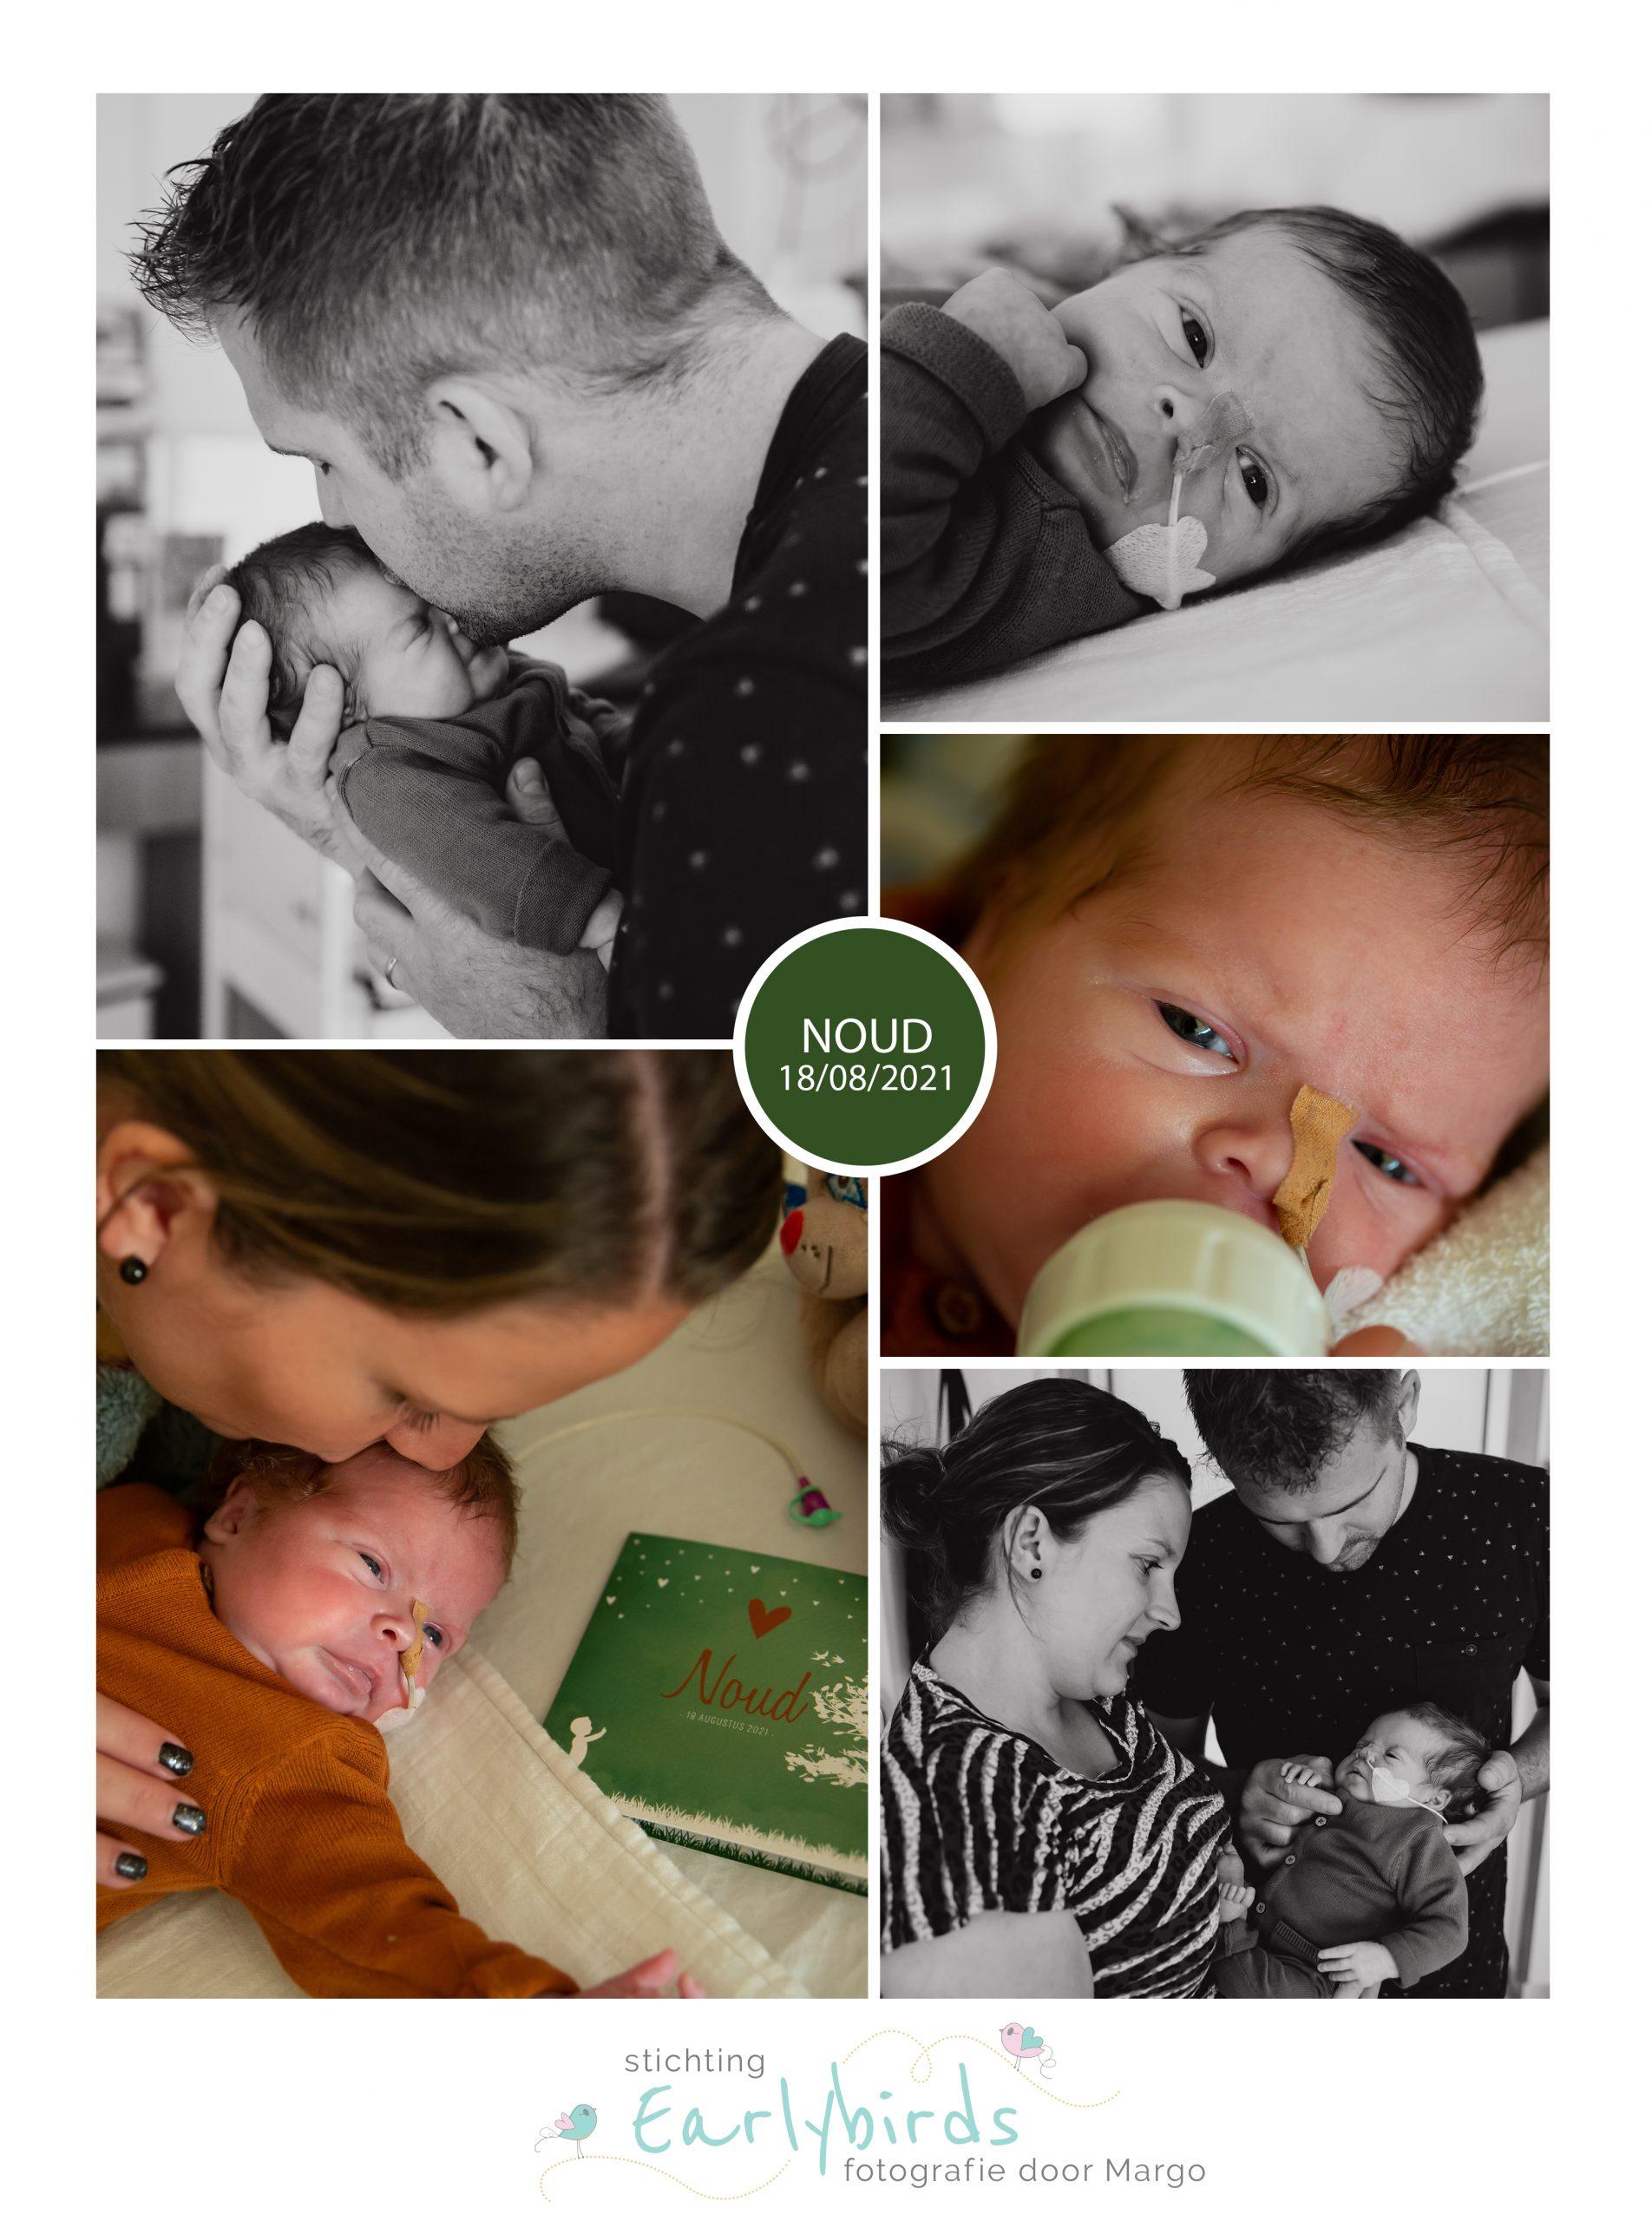 Noud prematuur geboren met 35 weken